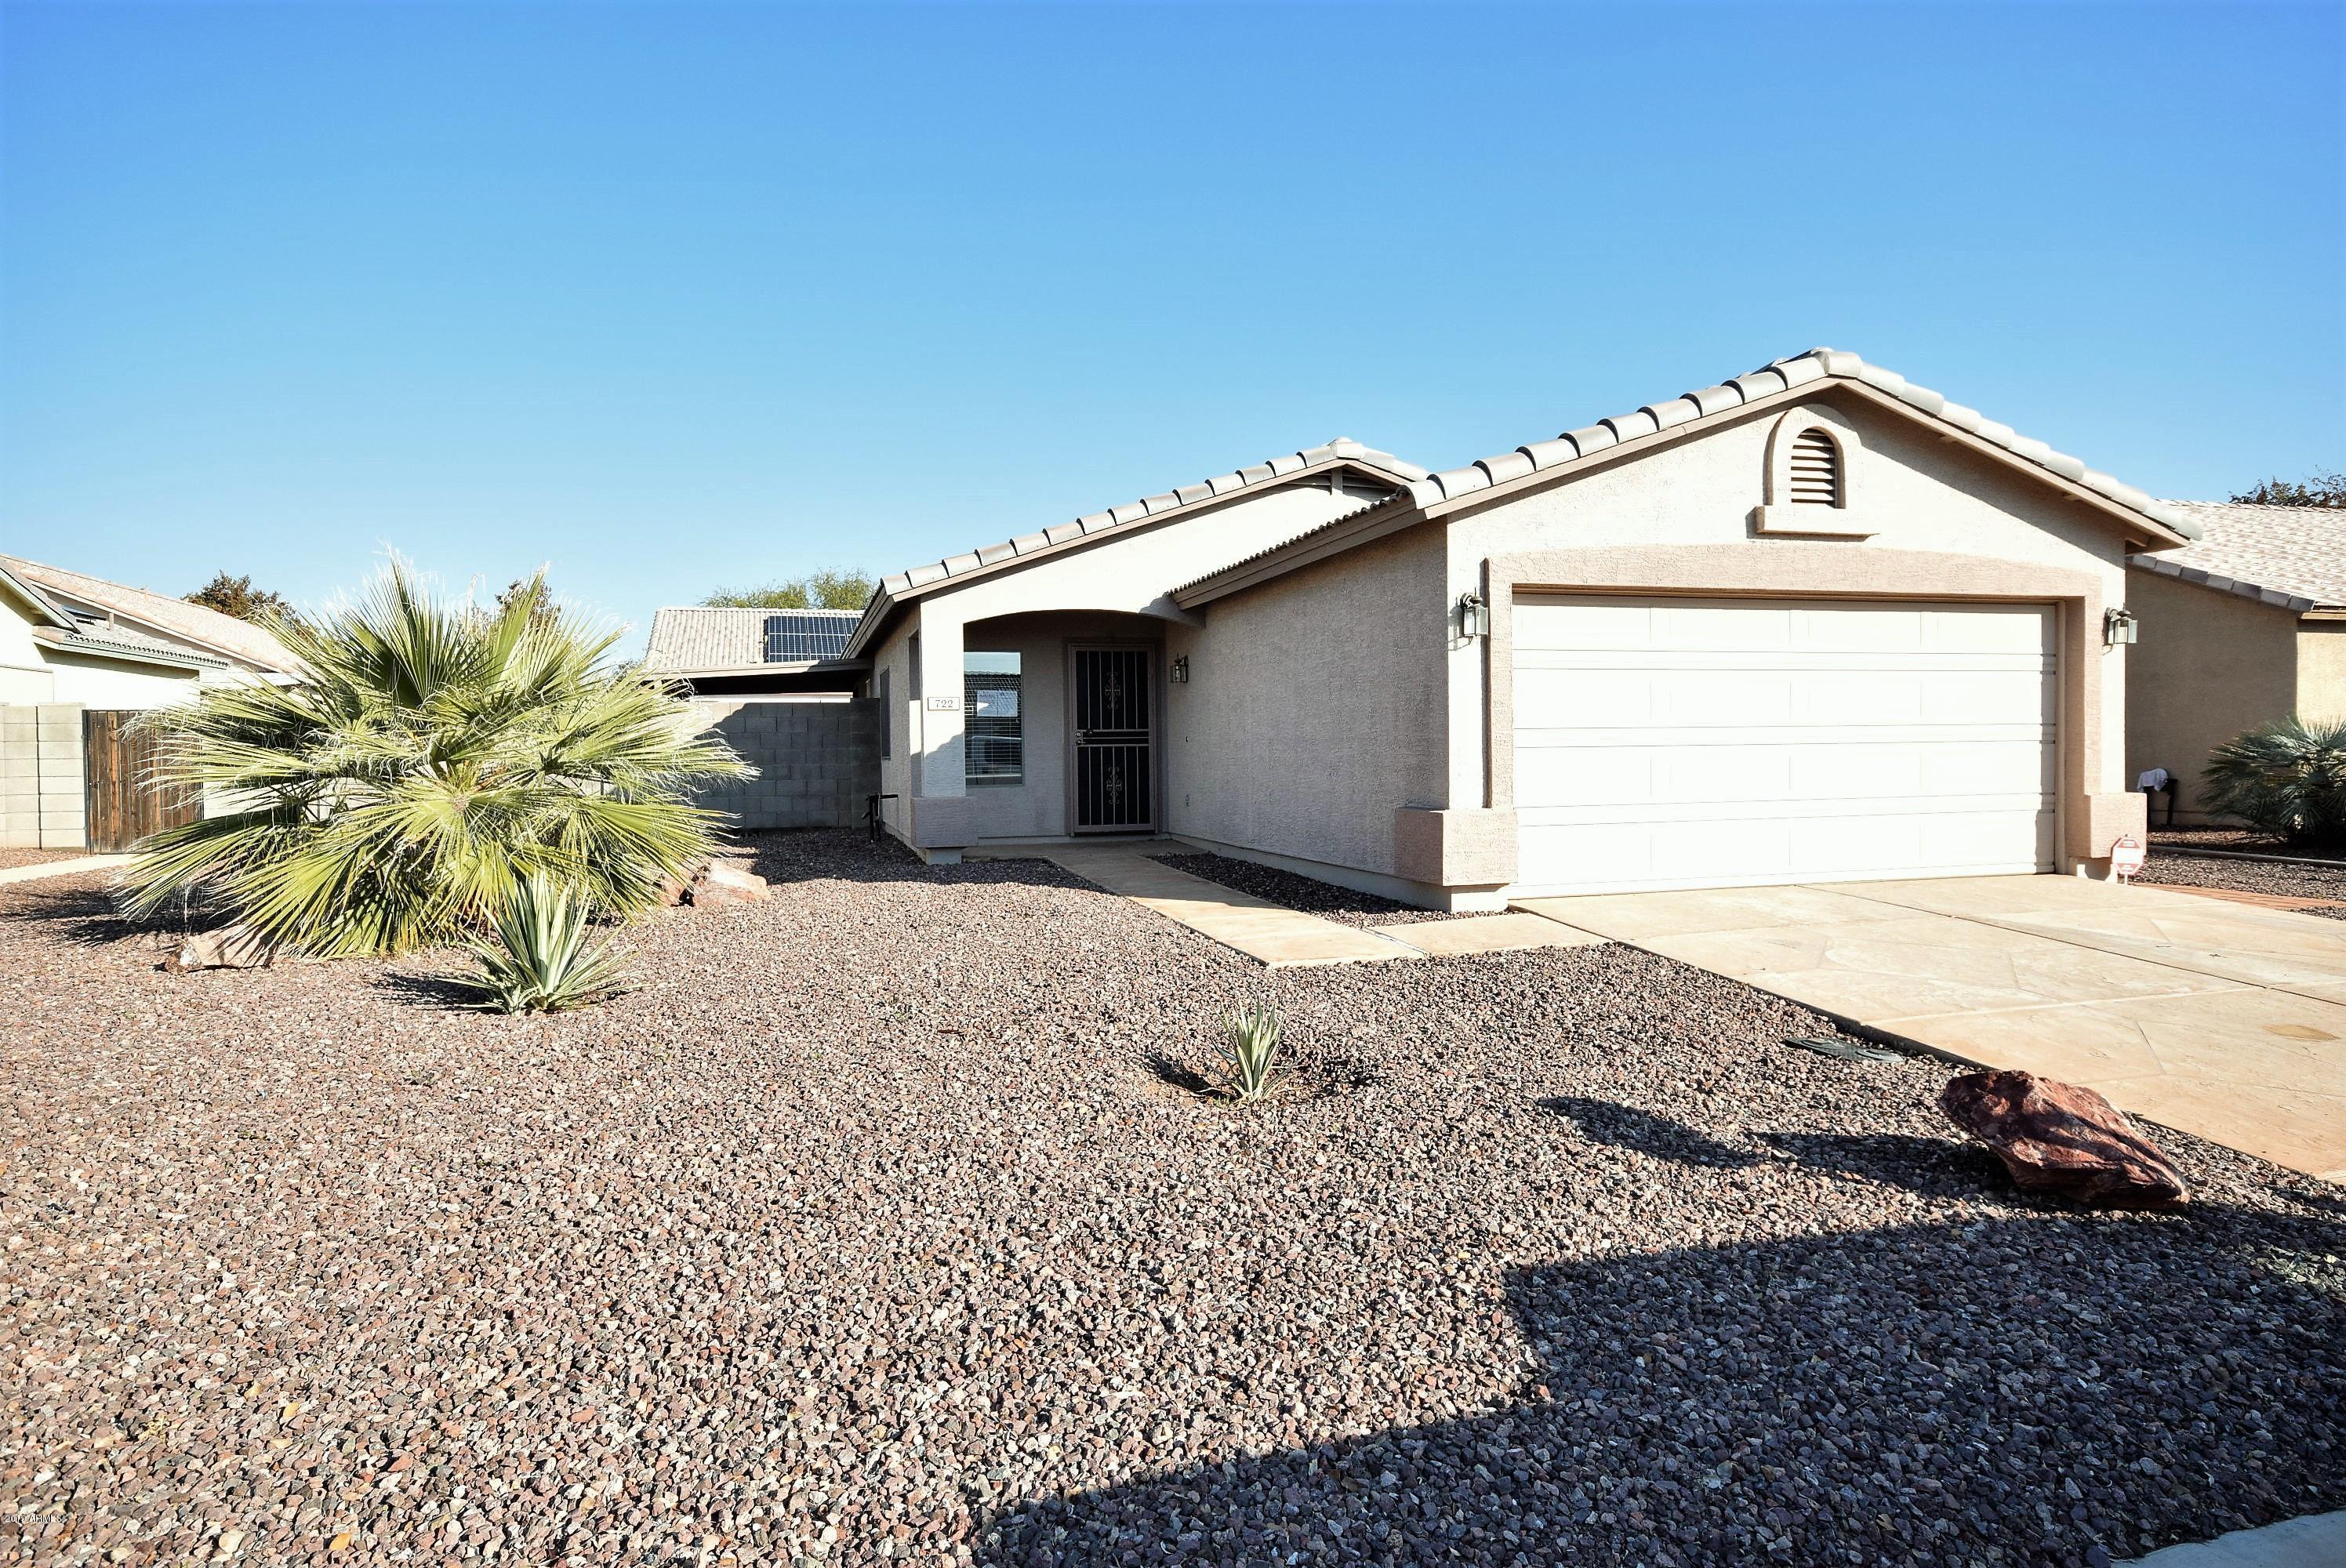 Photo of 722 E MAHONEY Circle, Buckeye, AZ 85326